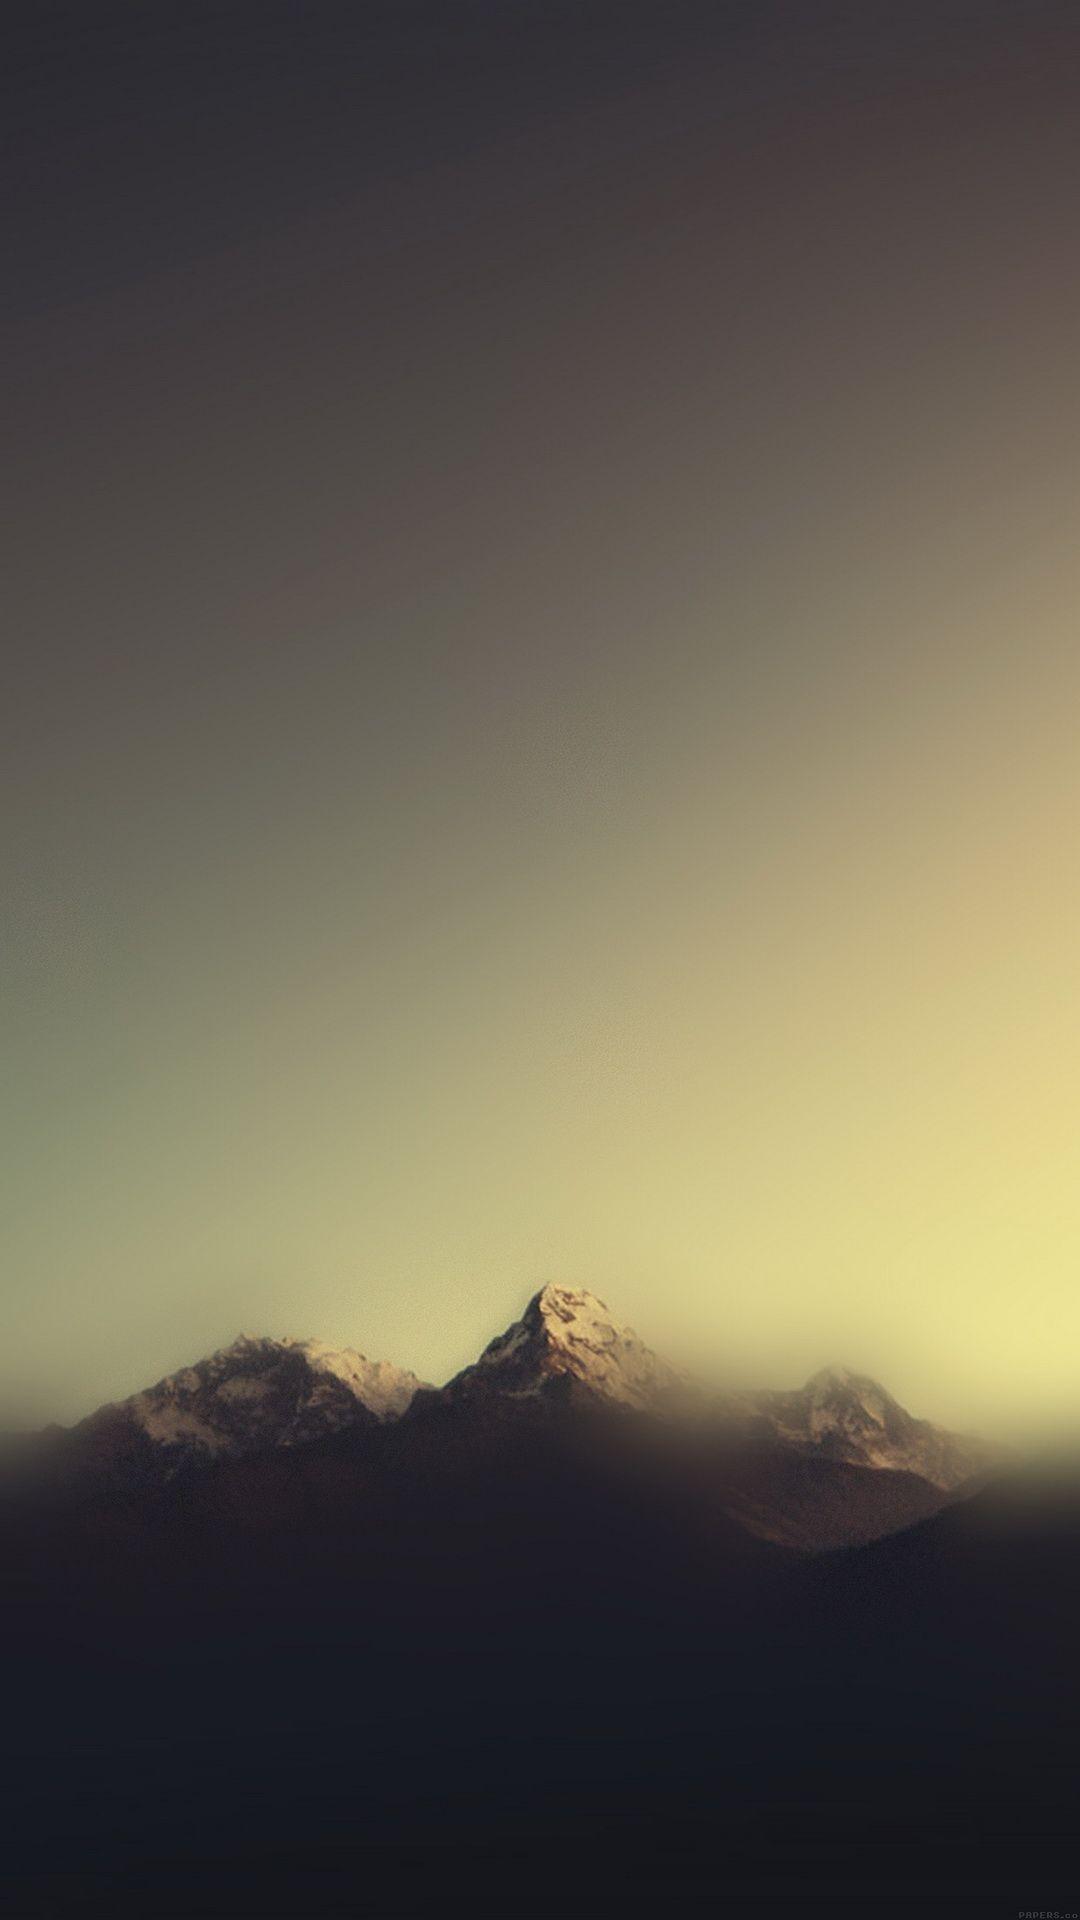 Amazing Wallpaper Mountain Blurry - e45d2ee52c7d46da8c08d0ae1d19a15c  Trends_866551.jpg